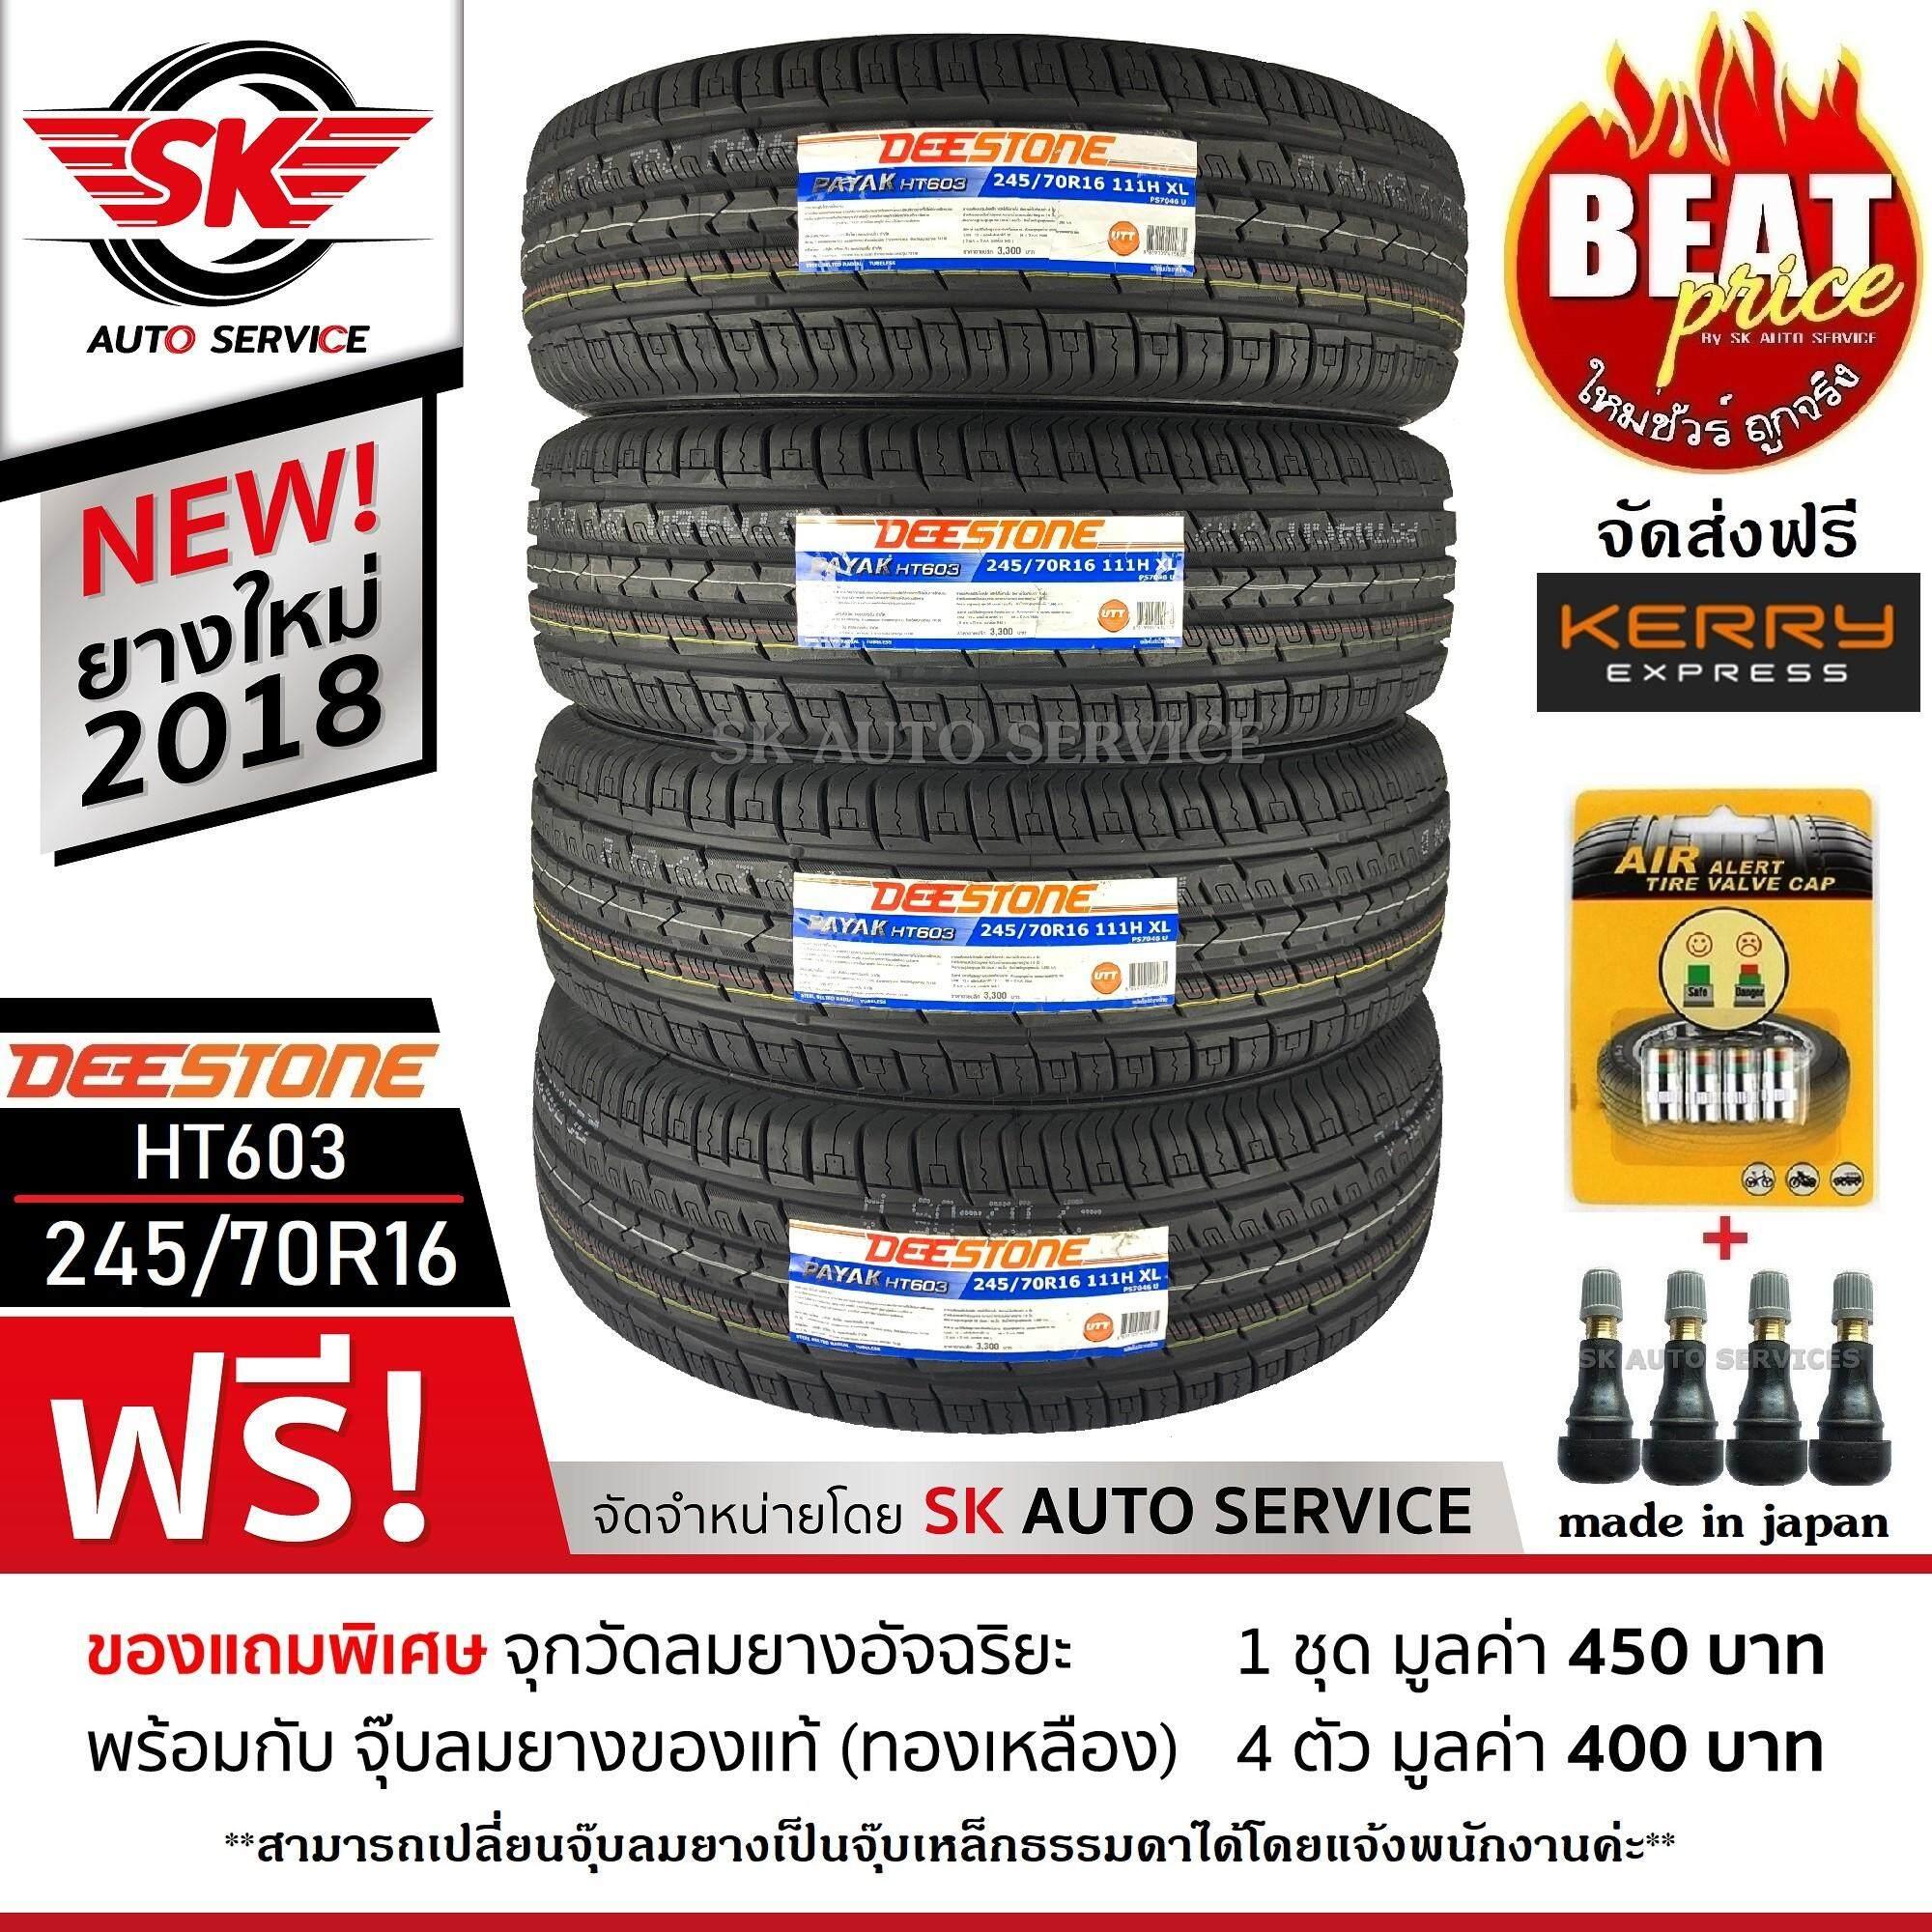 Car Tires5600 ค้นพบสินค้าใน ยางรถยนต์เรียงตาม:ความเป็นที่นิยมจำนวนคนดู: